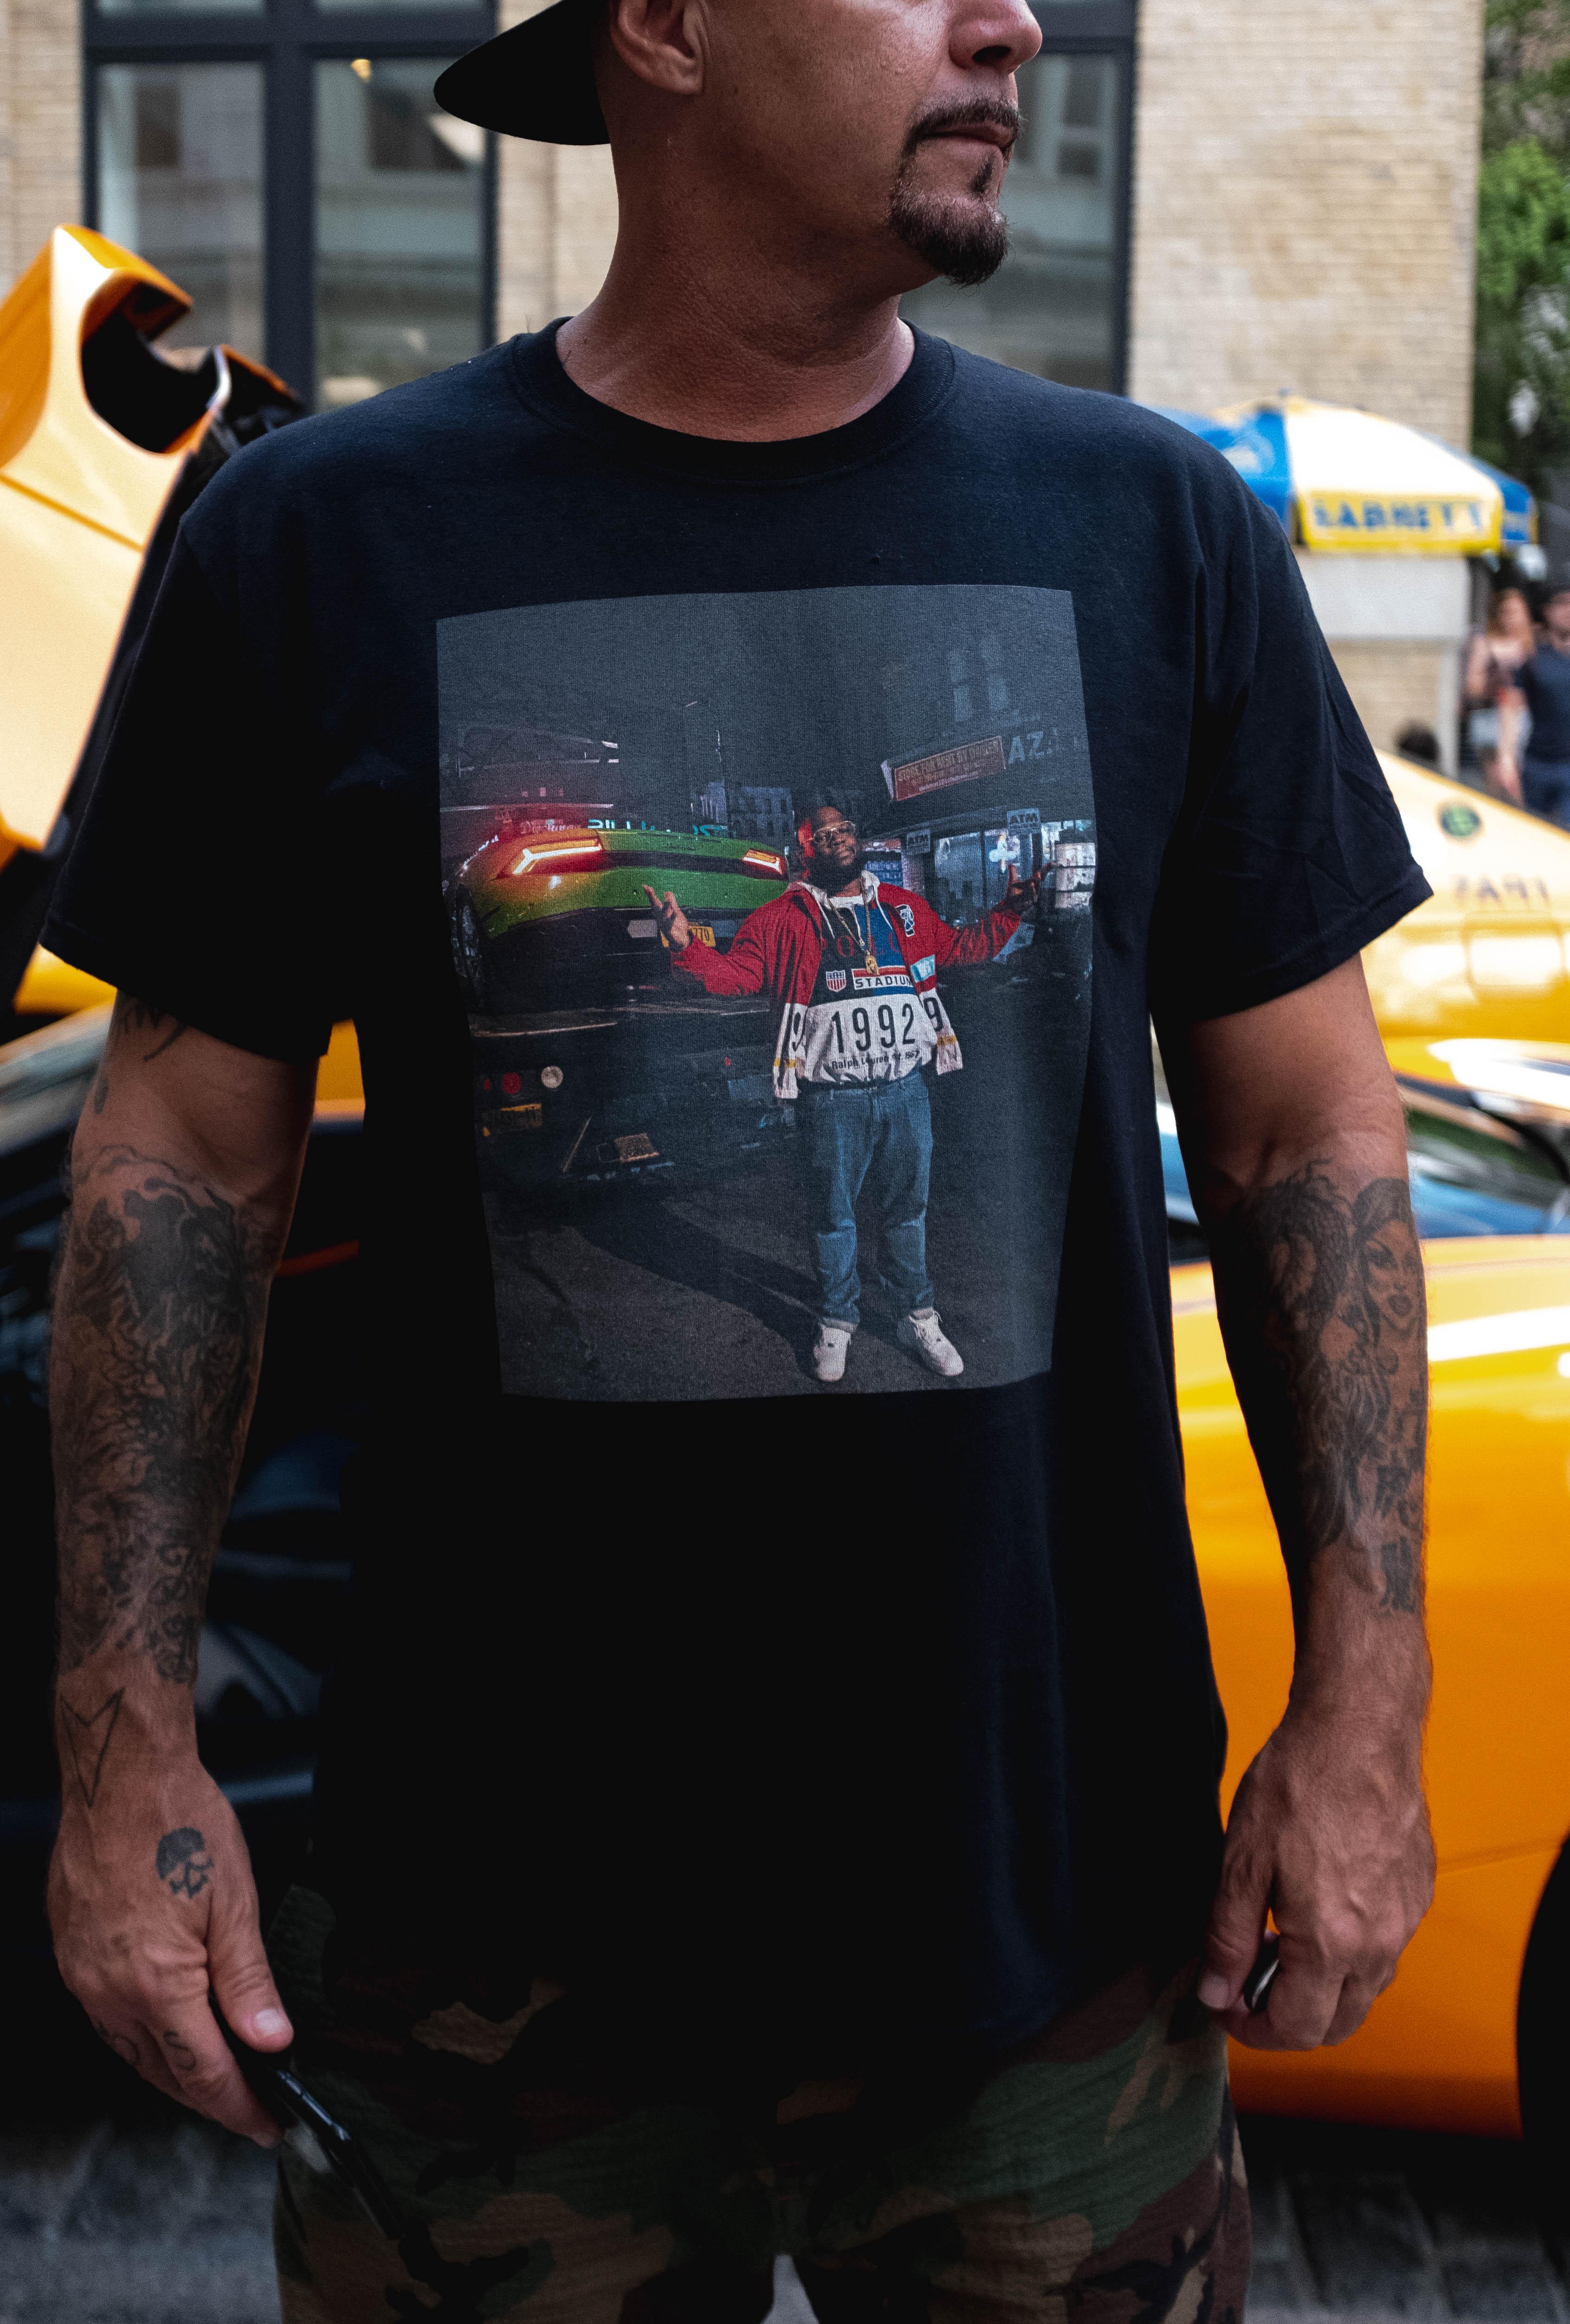 MEMBERS ONLY - Lambo T-Shirt Size Medium